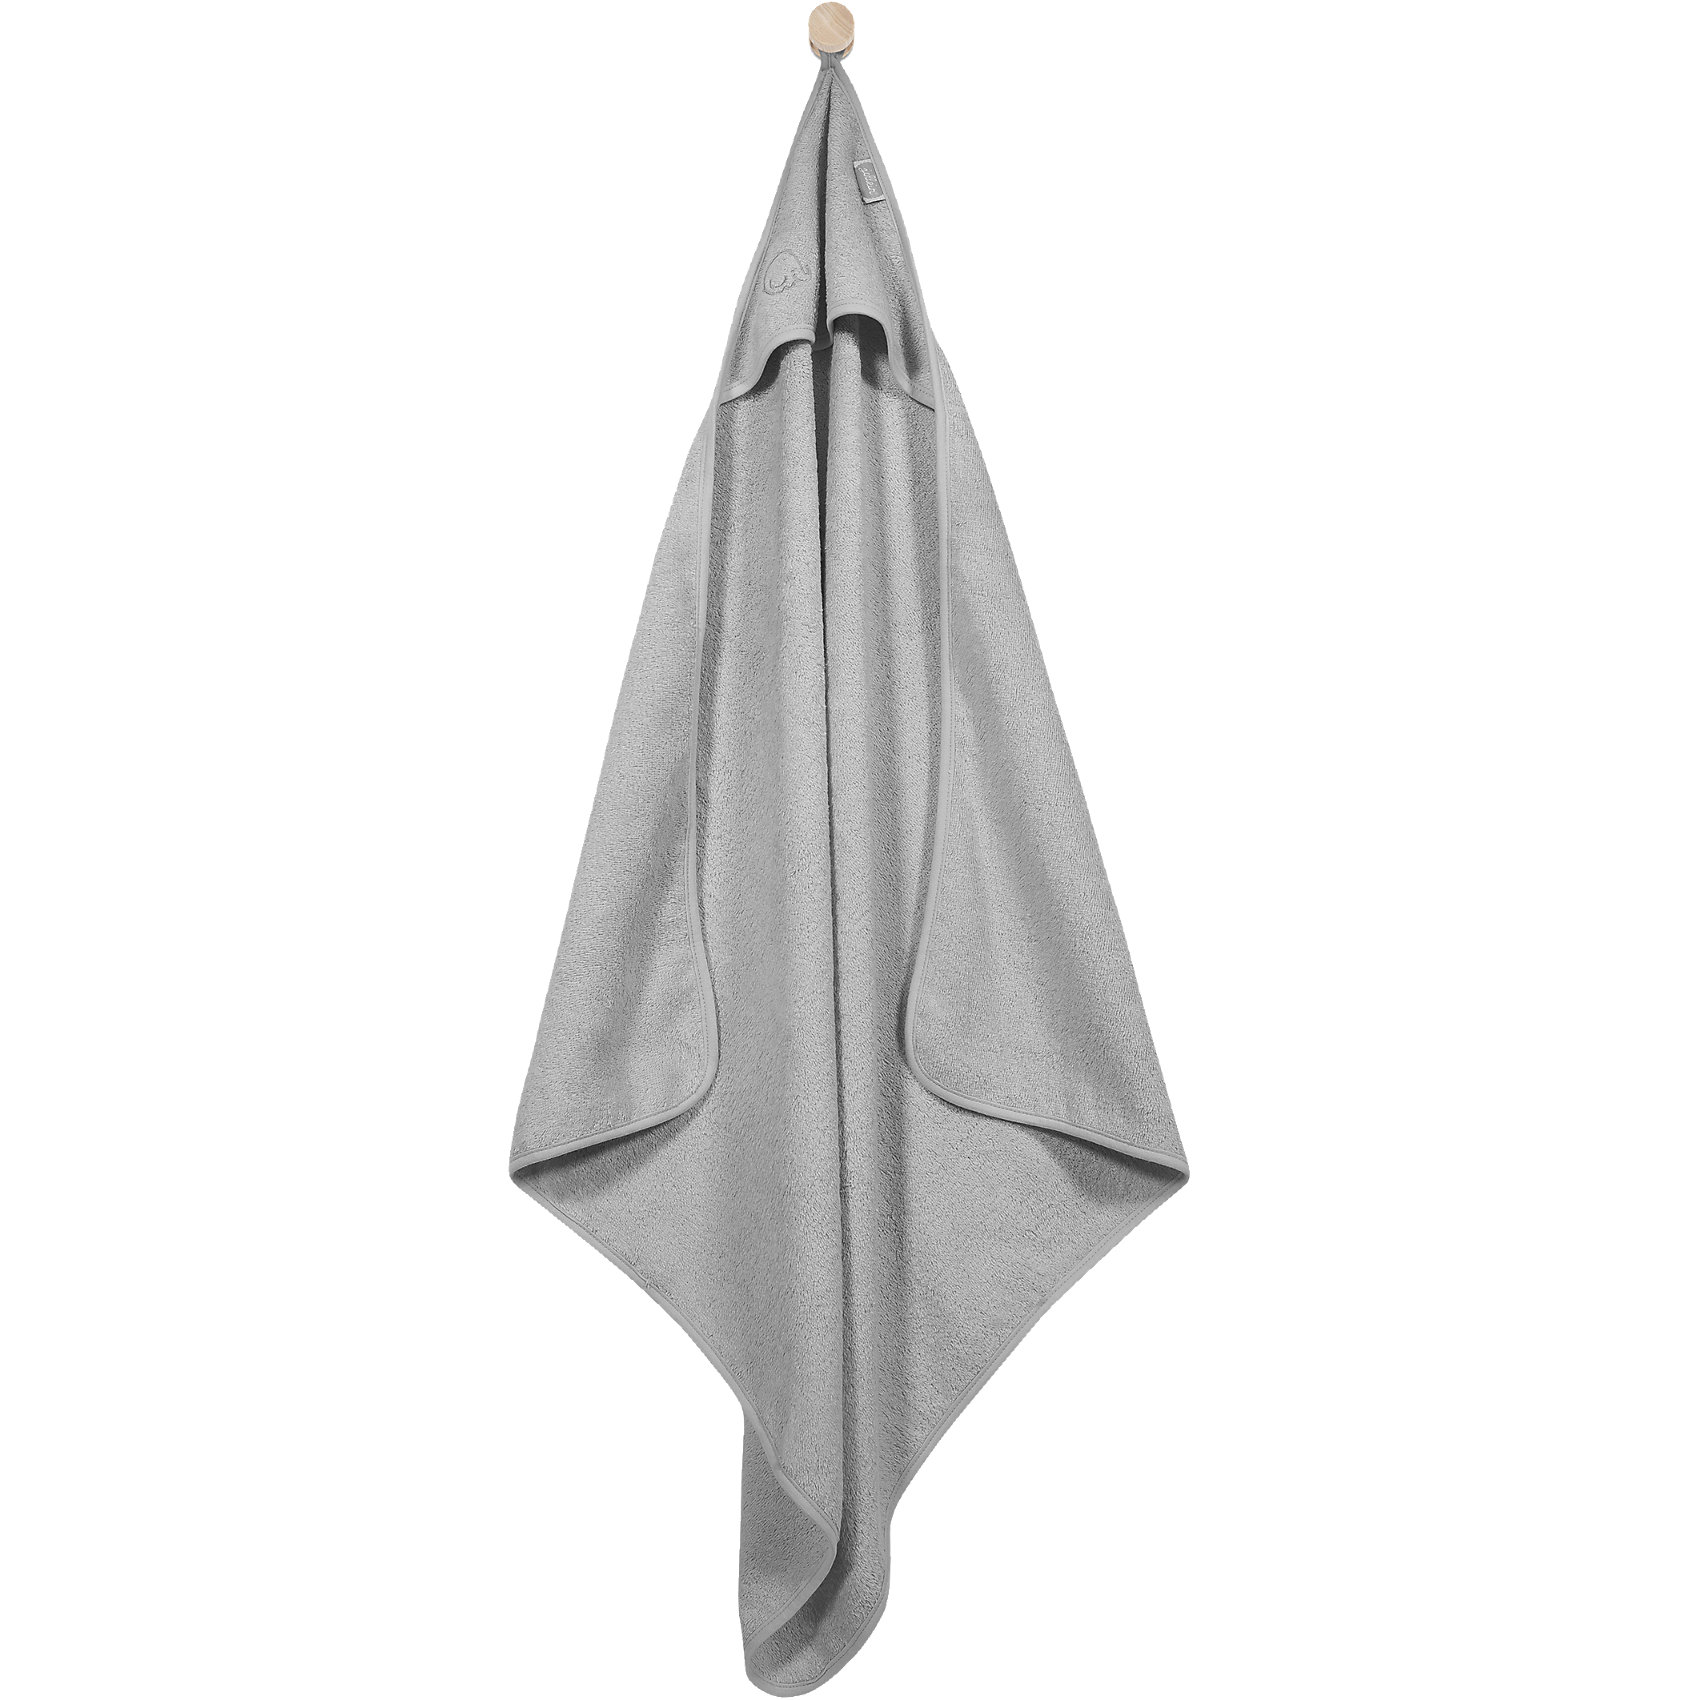 Полотенце с капюшоном 75 х 75 см, Jollein, GreyВанная комната<br>Характеристики:<br><br>• тип полотенца: полотенце с уголком-капюшоном;<br>• обладает хорошей впитывающей способностью; <br>• мягкое полотенце, приятное на ощупь;<br>• материал: плотная махра, длинный ворс;<br>• плотность: 340 гр/м2;<br>• состав ткани: 100% хлопок;<br>• размер: 75х75 см.<br><br>Мягкое махровое полотенце с уголком позволяет обернуть малыша после купания, накинув на головку крохе капюшон. Полотенце Jollein поможет избежать переохлаждения после купания, ребенку будет тепло, уютно в мягком полотенце. <br><br>Полотенце с капюшоном 75 х 75 см, Jollein, Grey можно купить в нашем интернет-магазине.<br><br>Ширина мм: 301<br>Глубина мм: 306<br>Высота мм: 43<br>Вес г: 253<br>Цвет: серый<br>Возраст от месяцев: 0<br>Возраст до месяцев: 36<br>Пол: Унисекс<br>Возраст: Детский<br>SKU: 4419132